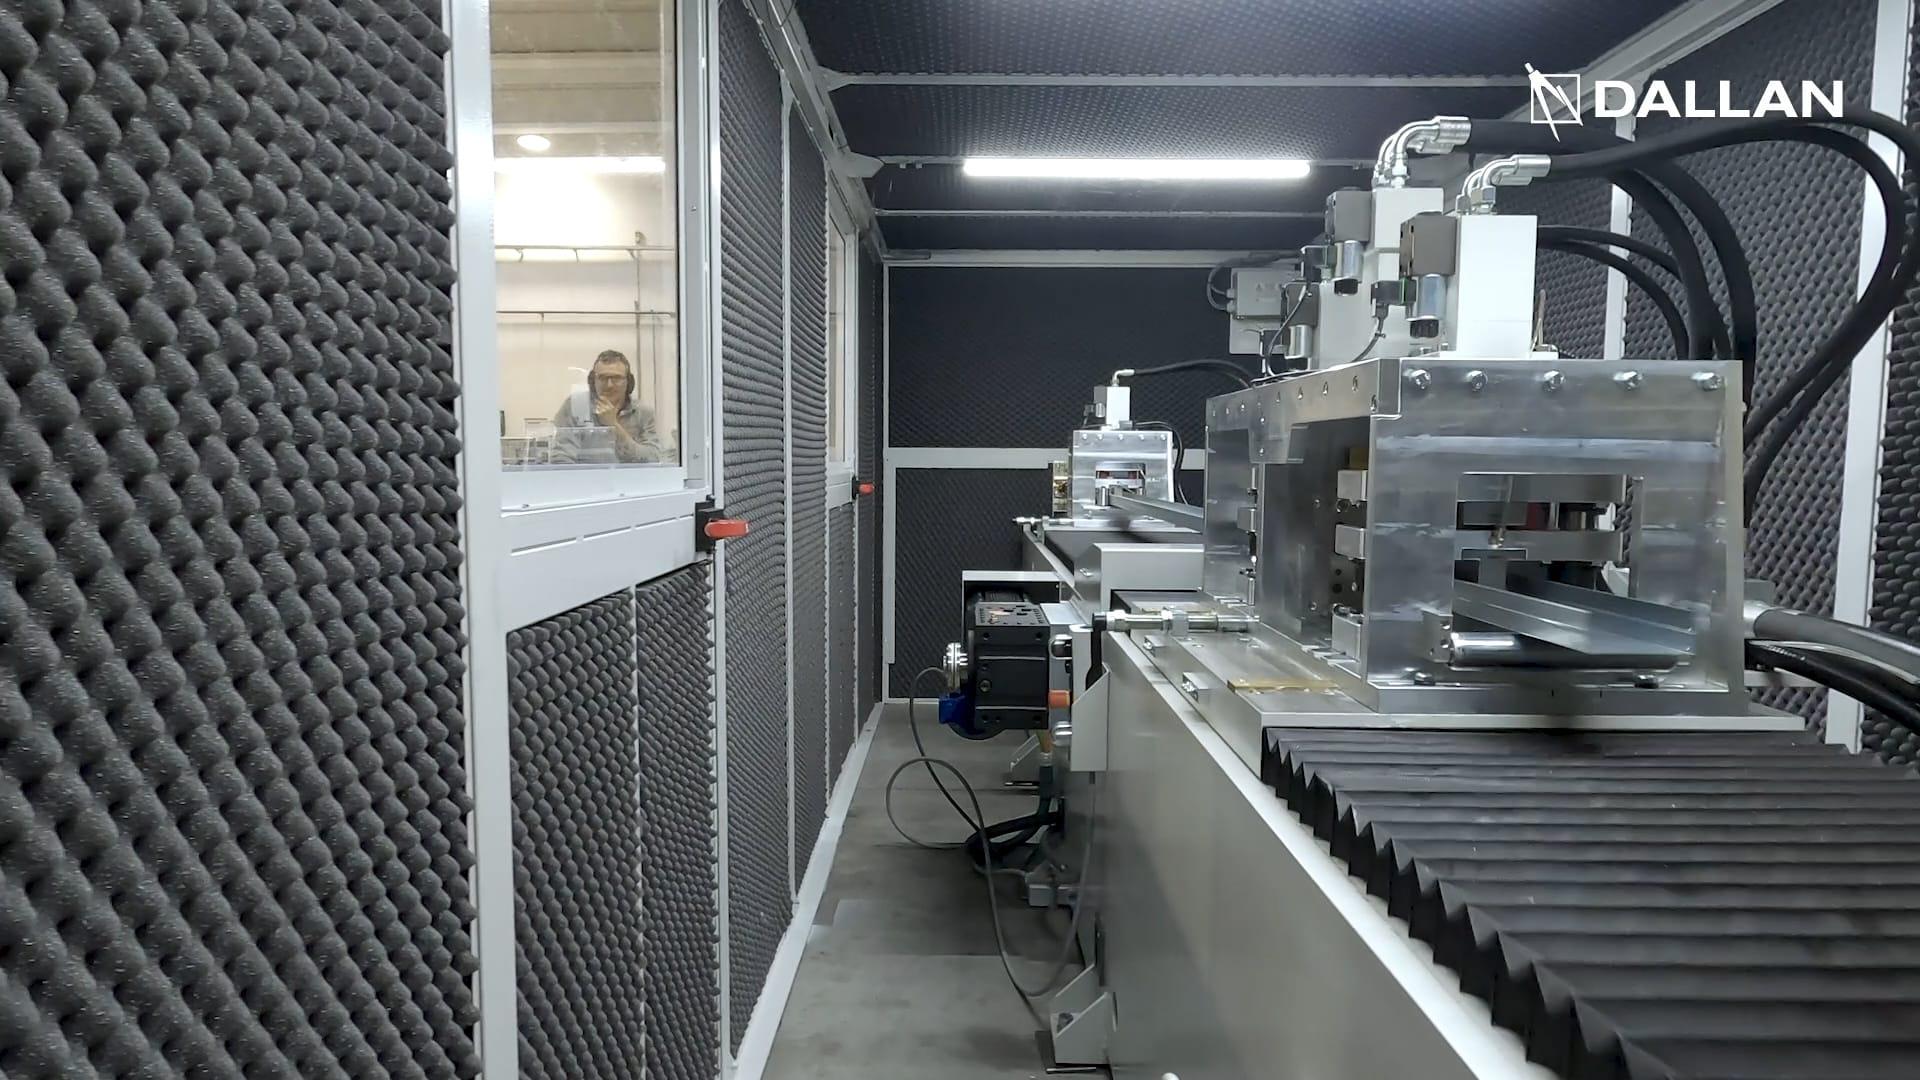 Dallan punching and cutting units